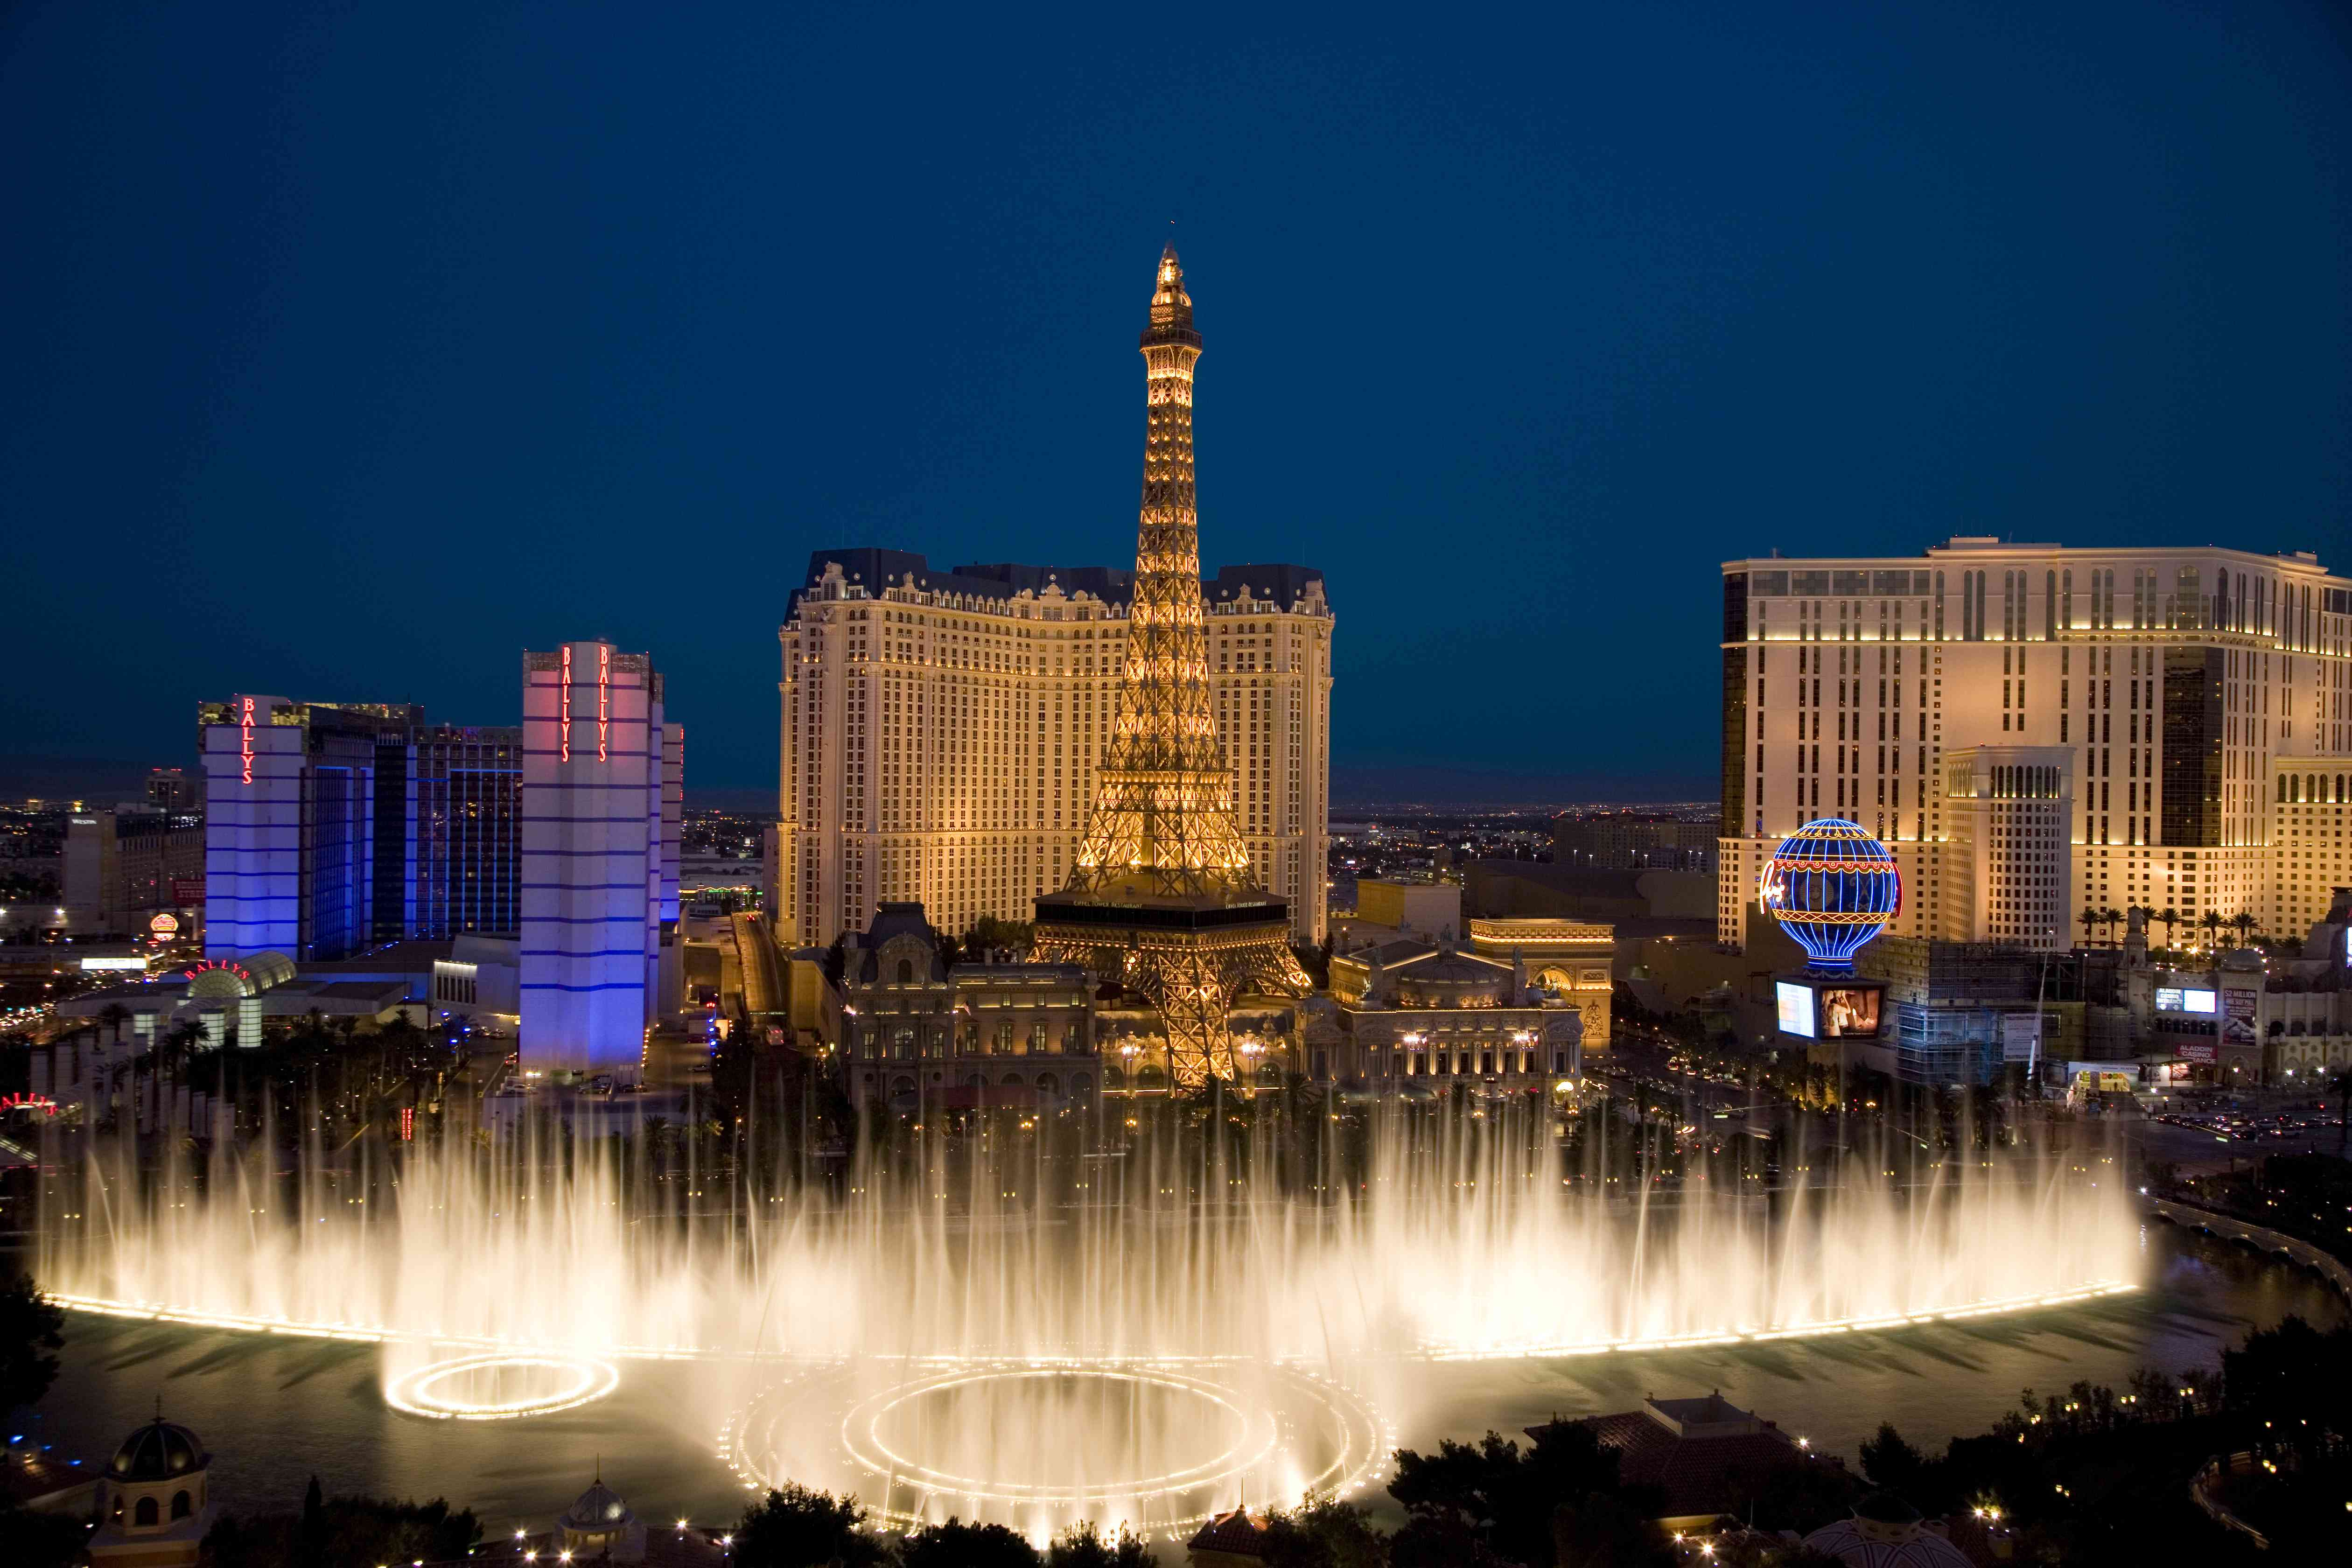 USA, Las Vegas, Nevada, view of Bellagio Fountain, Bally's and Paris Casinos